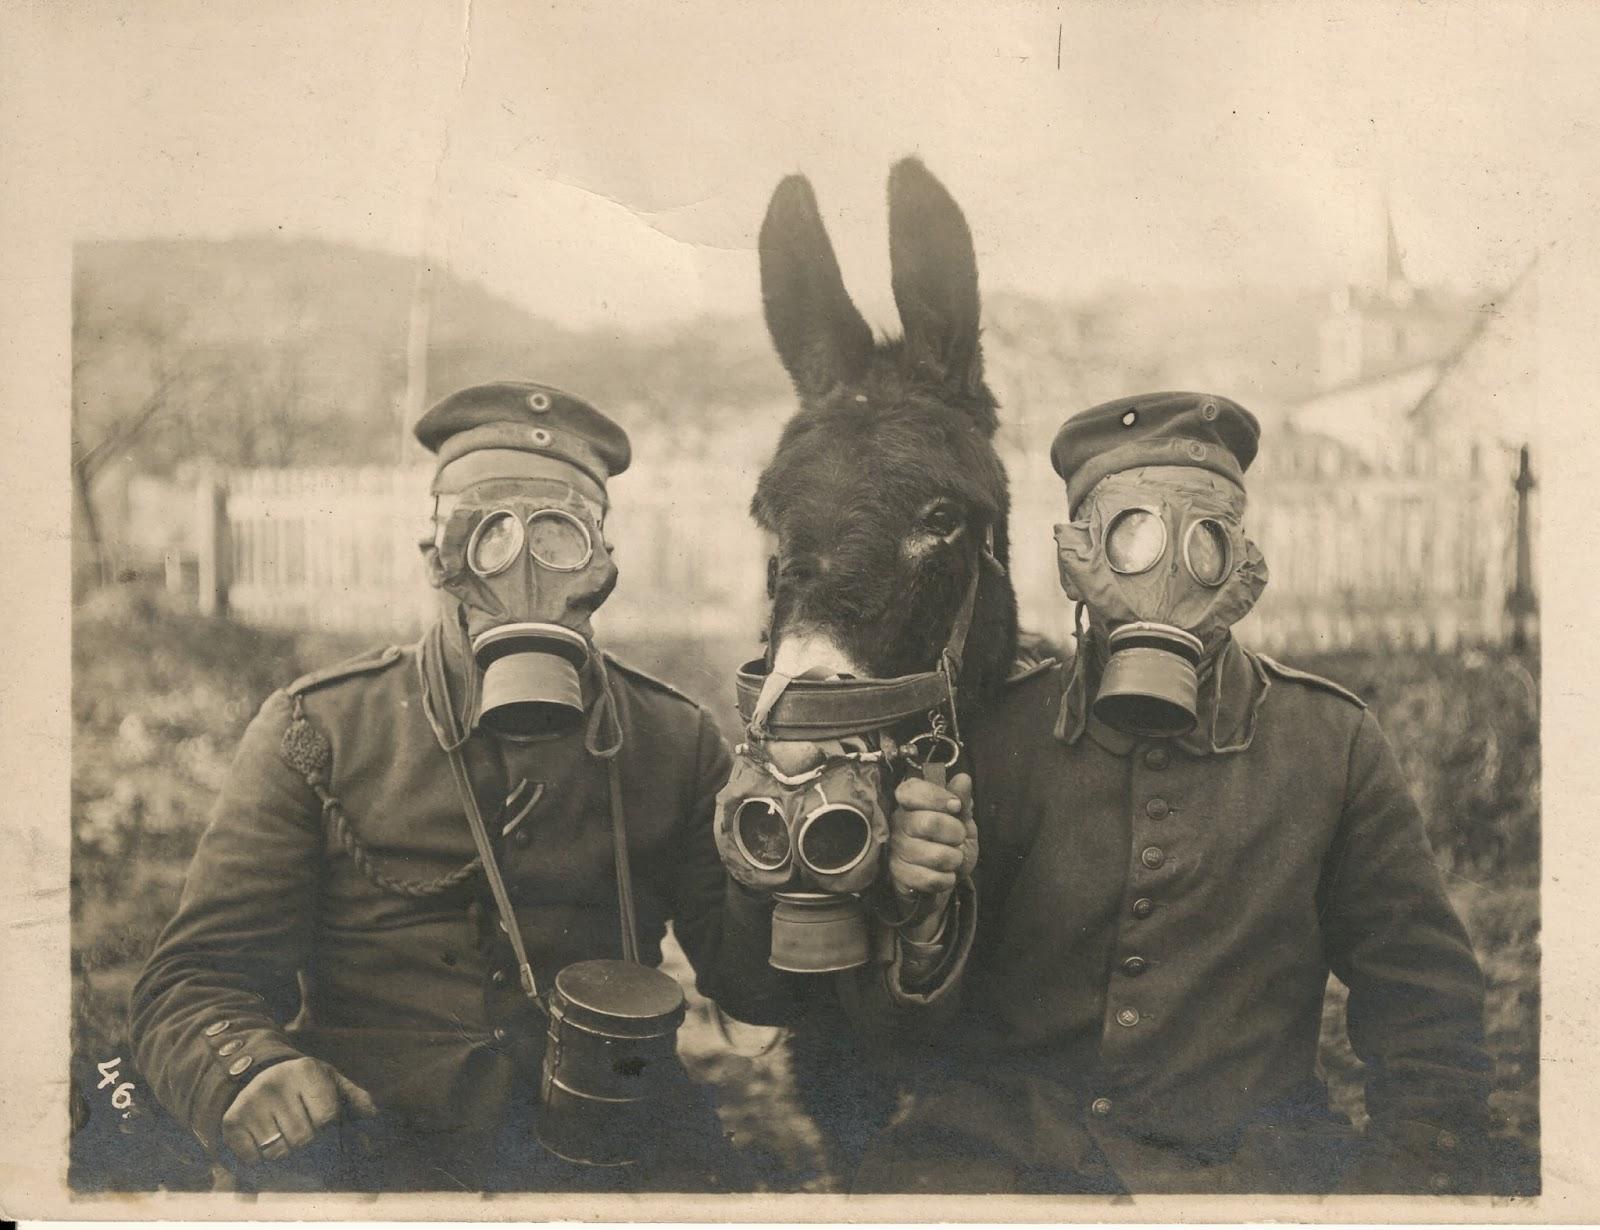 Una storia mai raccontata: i gas italiani nella Prima guerra mondiale